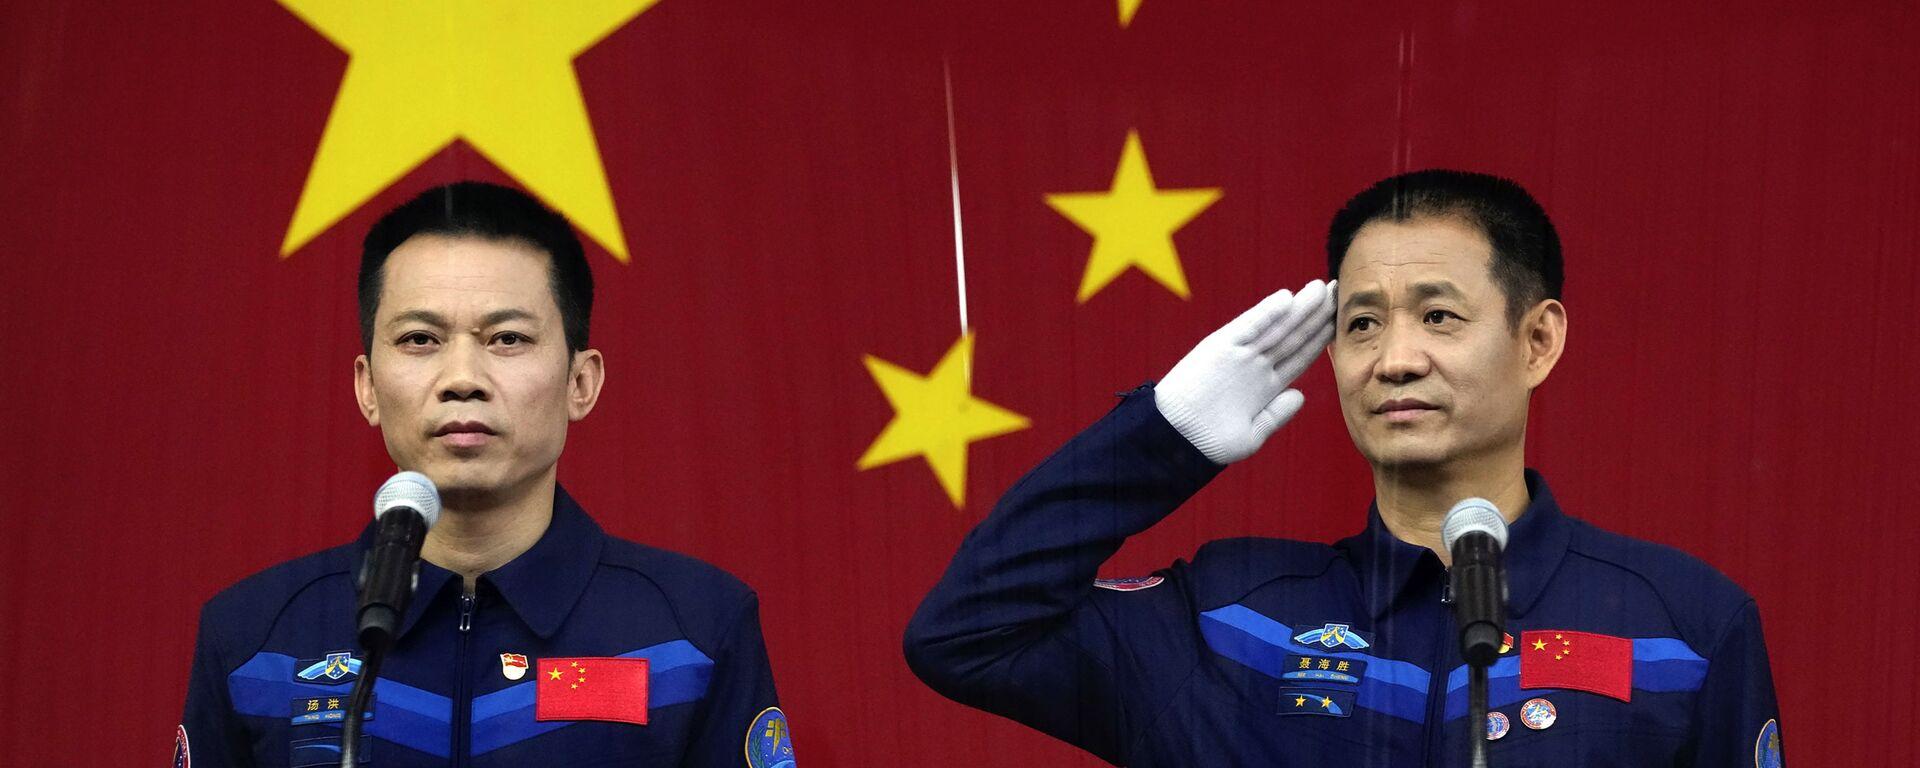 Китайские астронавты на пресс-конференции до полета в космос  - Sputnik Mundo, 1920, 16.06.2021